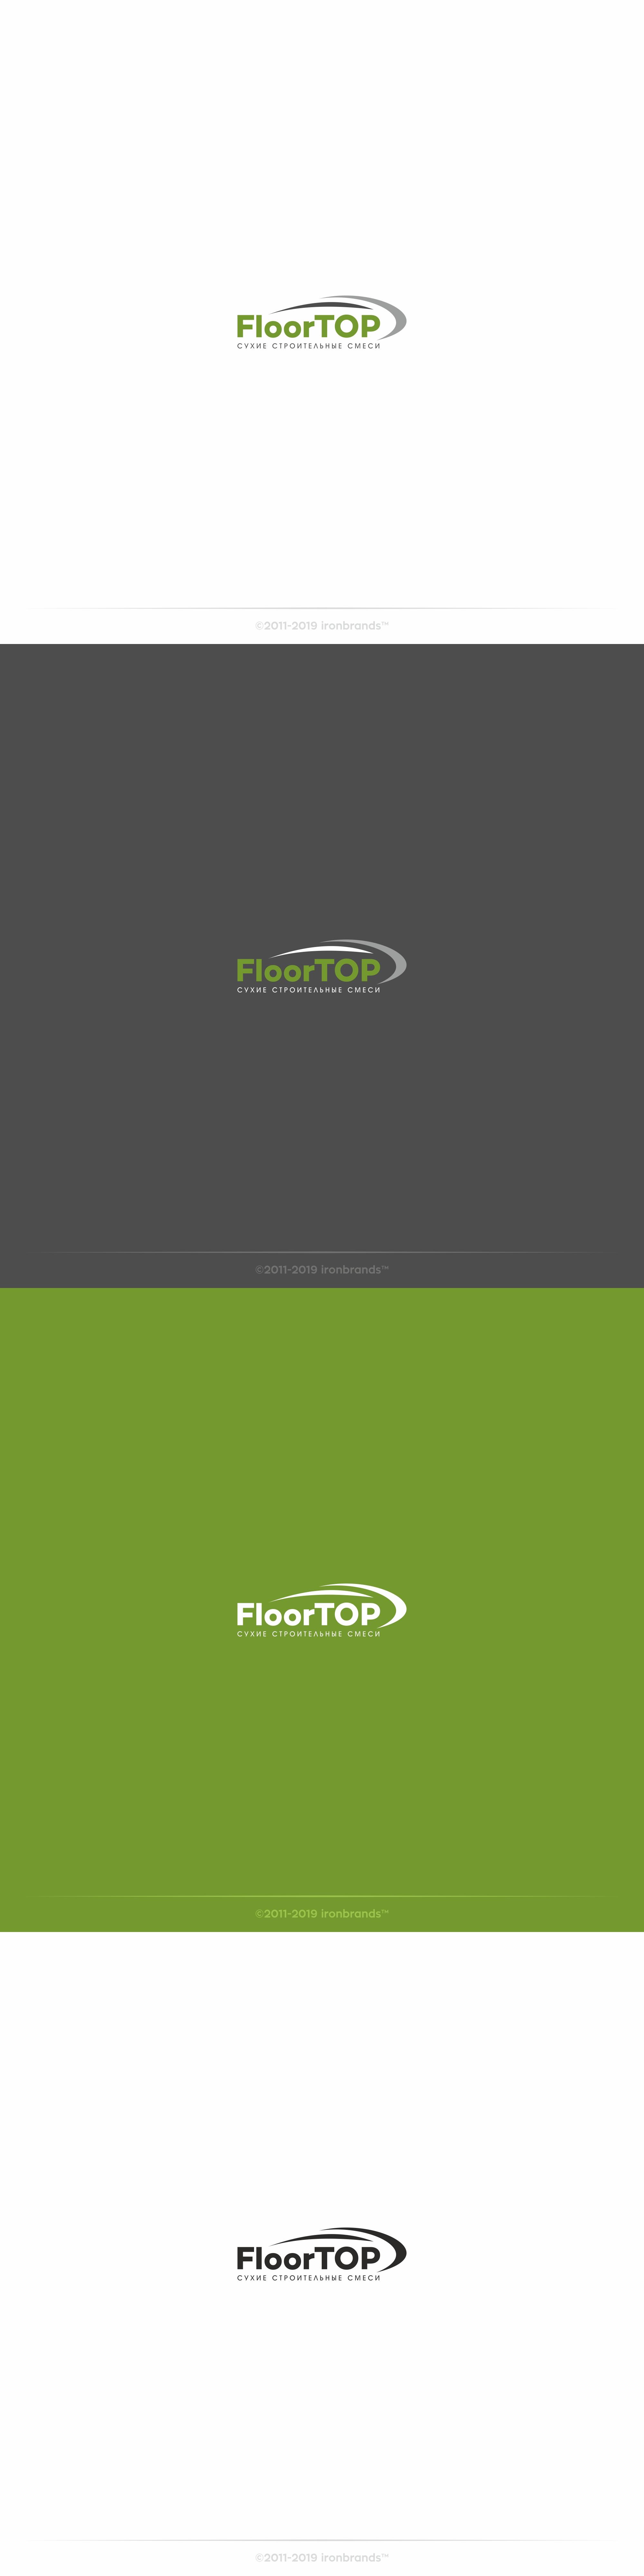 Разработка логотипа и дизайна на упаковку для сухой смеси фото f_5545d2c3d3ede866.jpg